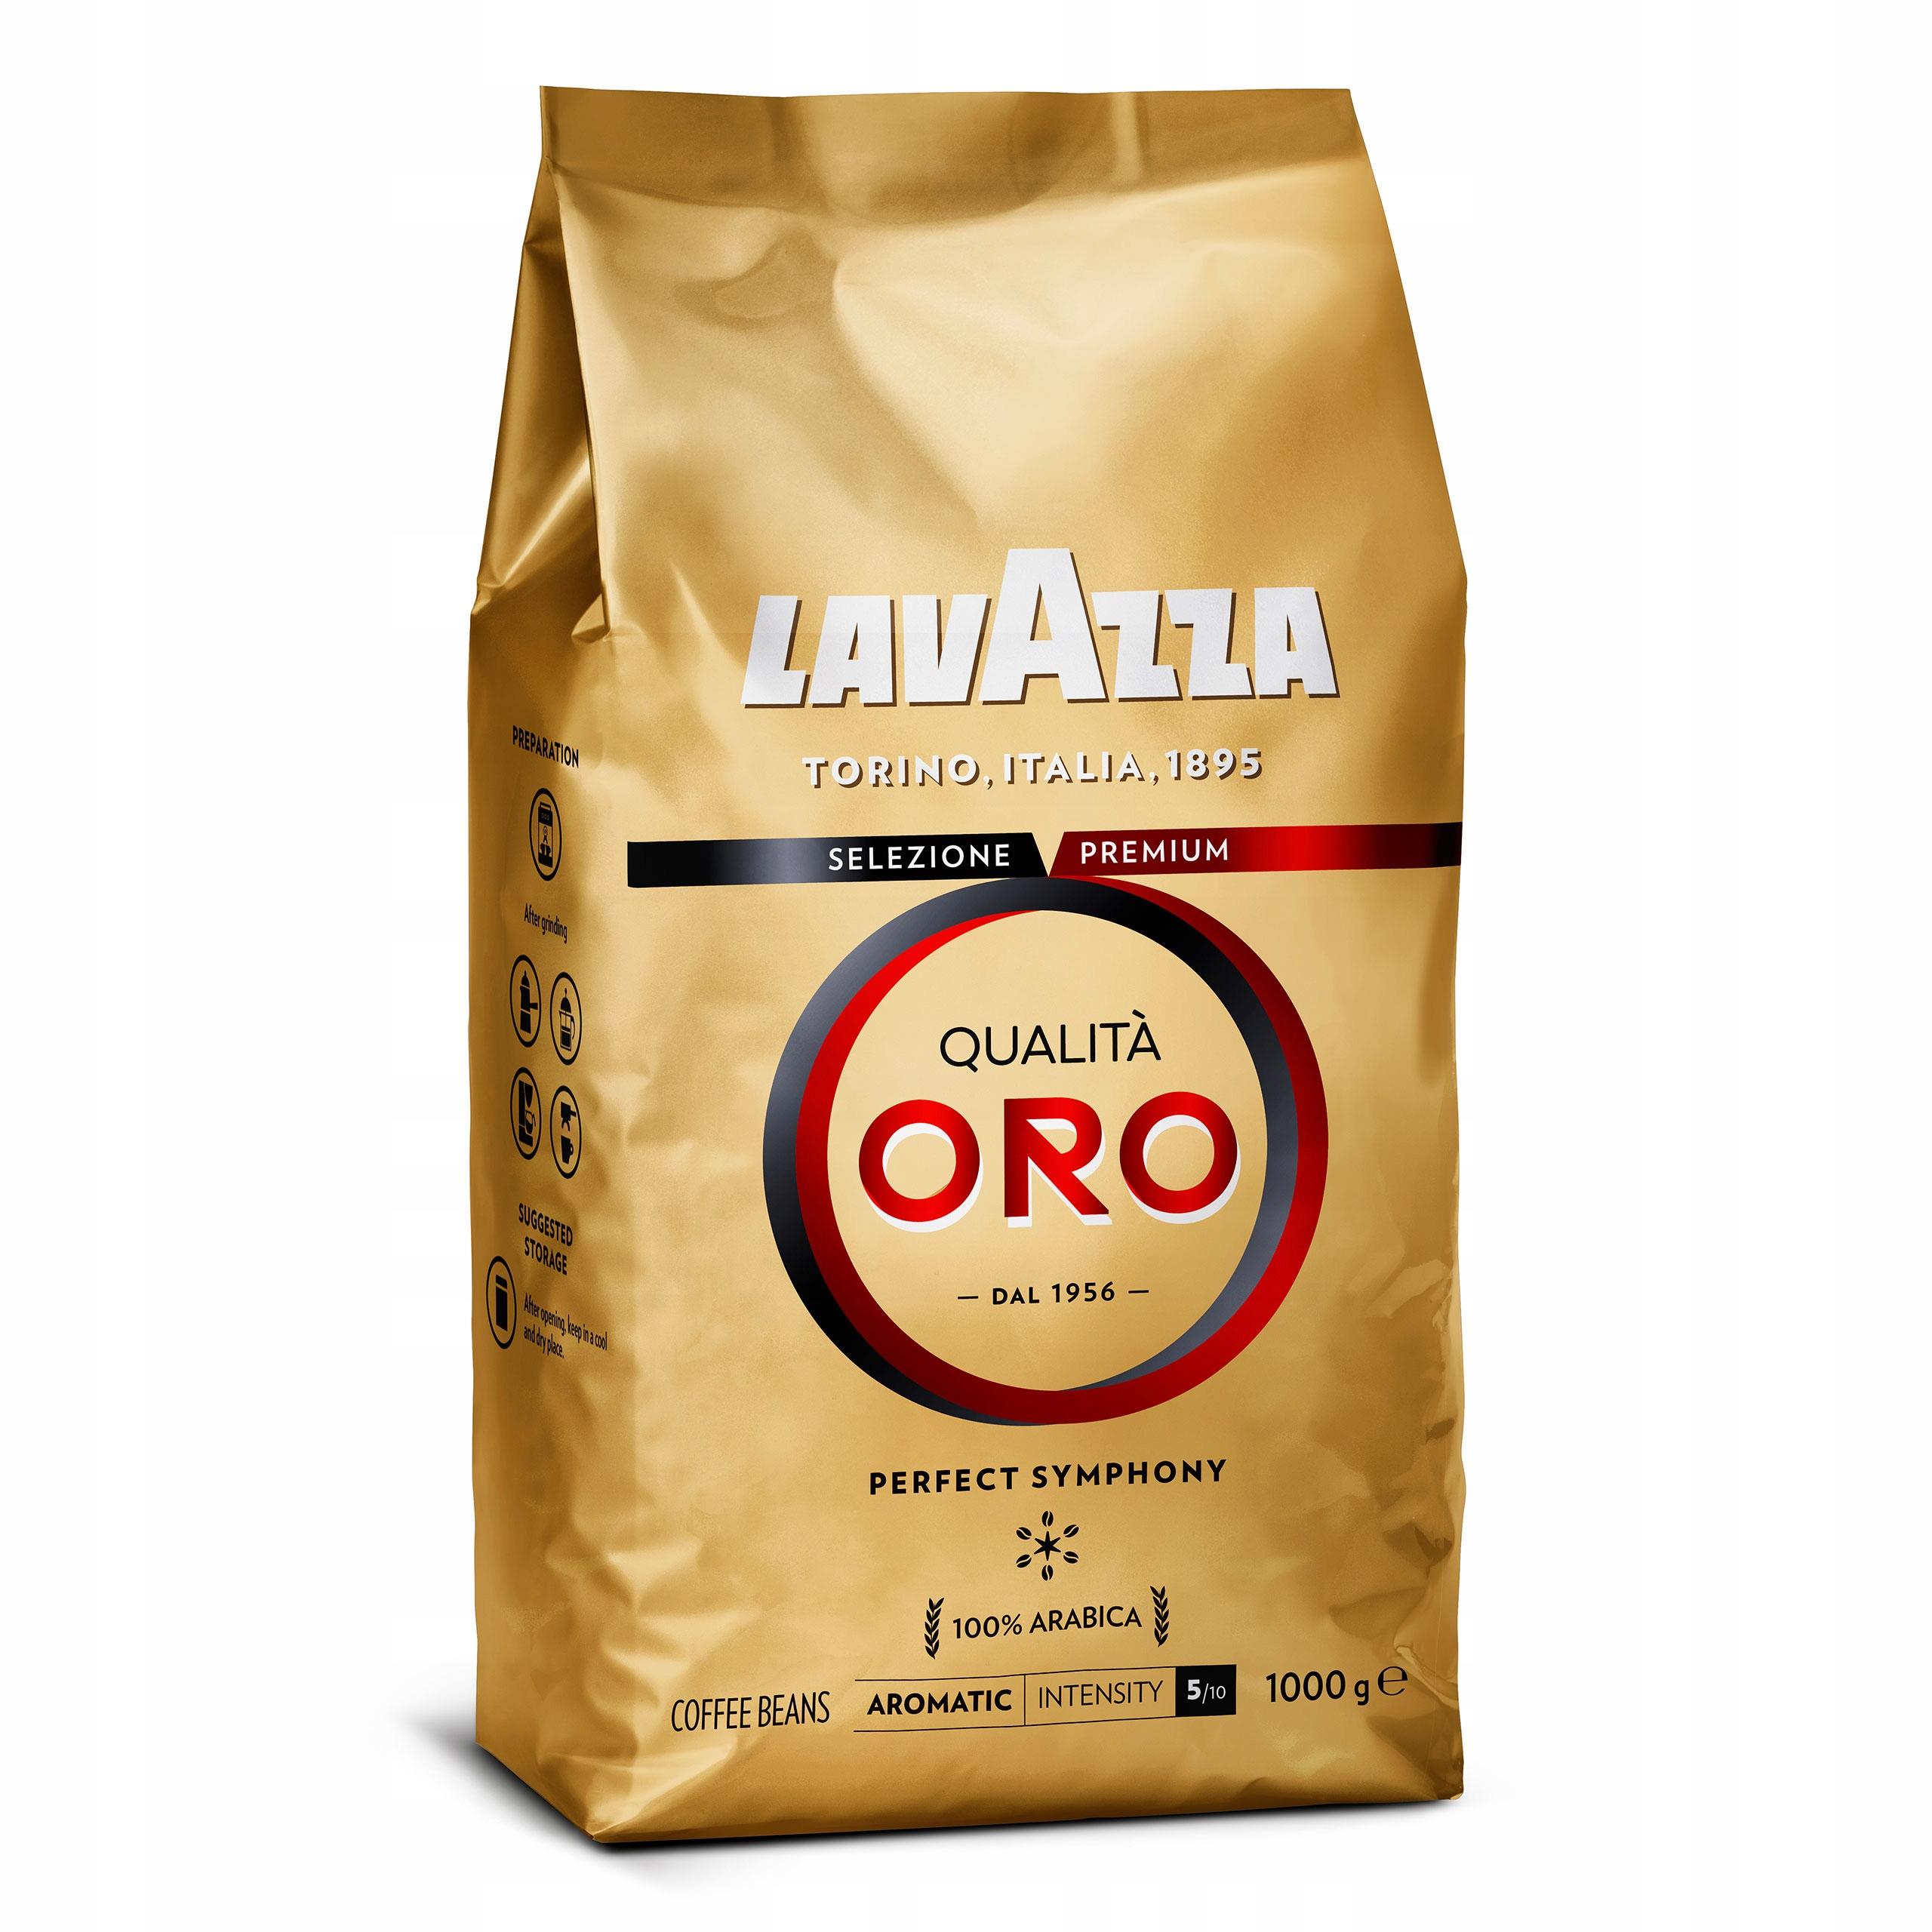 Купить Lavazza QUALITA ORO 1-ГЕЛЬ КГ  КОФЕ В ЗЕРНАХ ТИПА на Eurozakup - цены и фото - доставка из Польши и стран Европы в Украину.